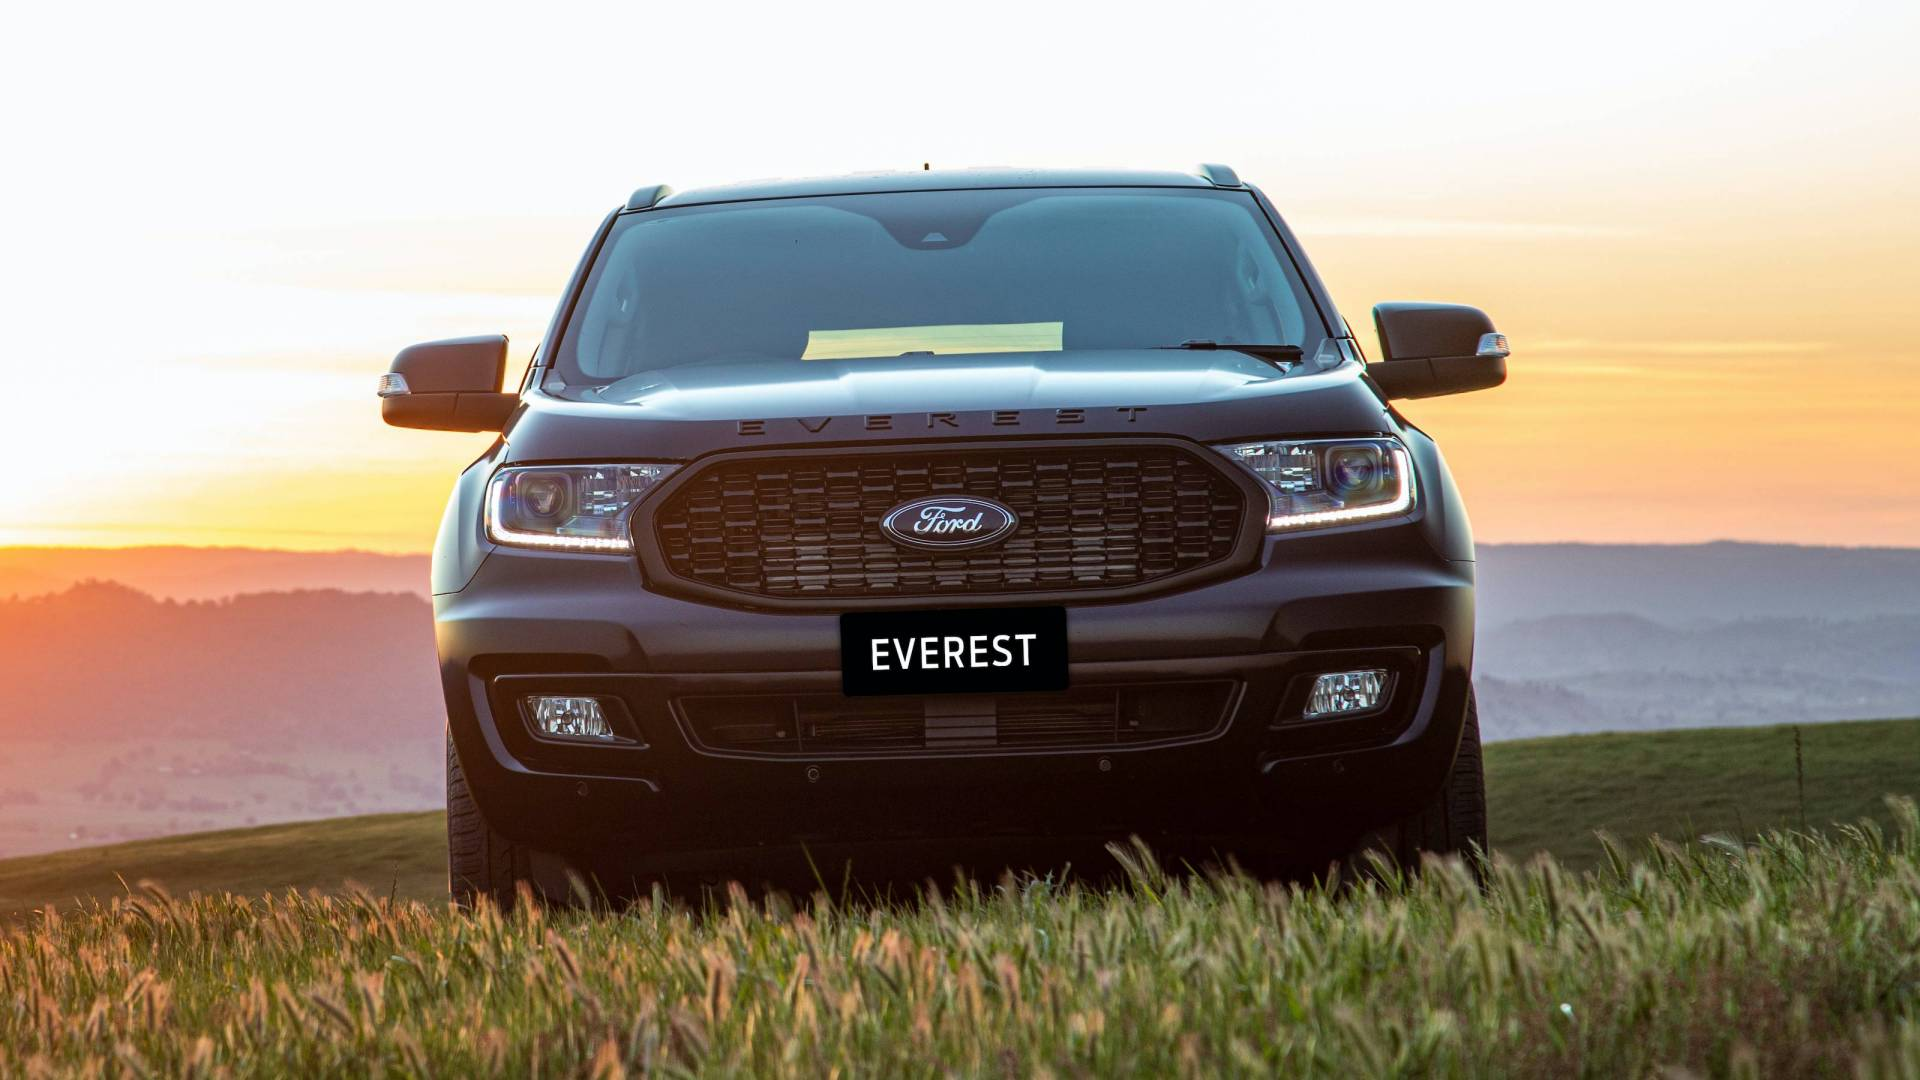 2020 ford everest sport australia spec 5 - Chi tiết xe Ford Everest Sport 2021 - Xứng đáng để mong đợi